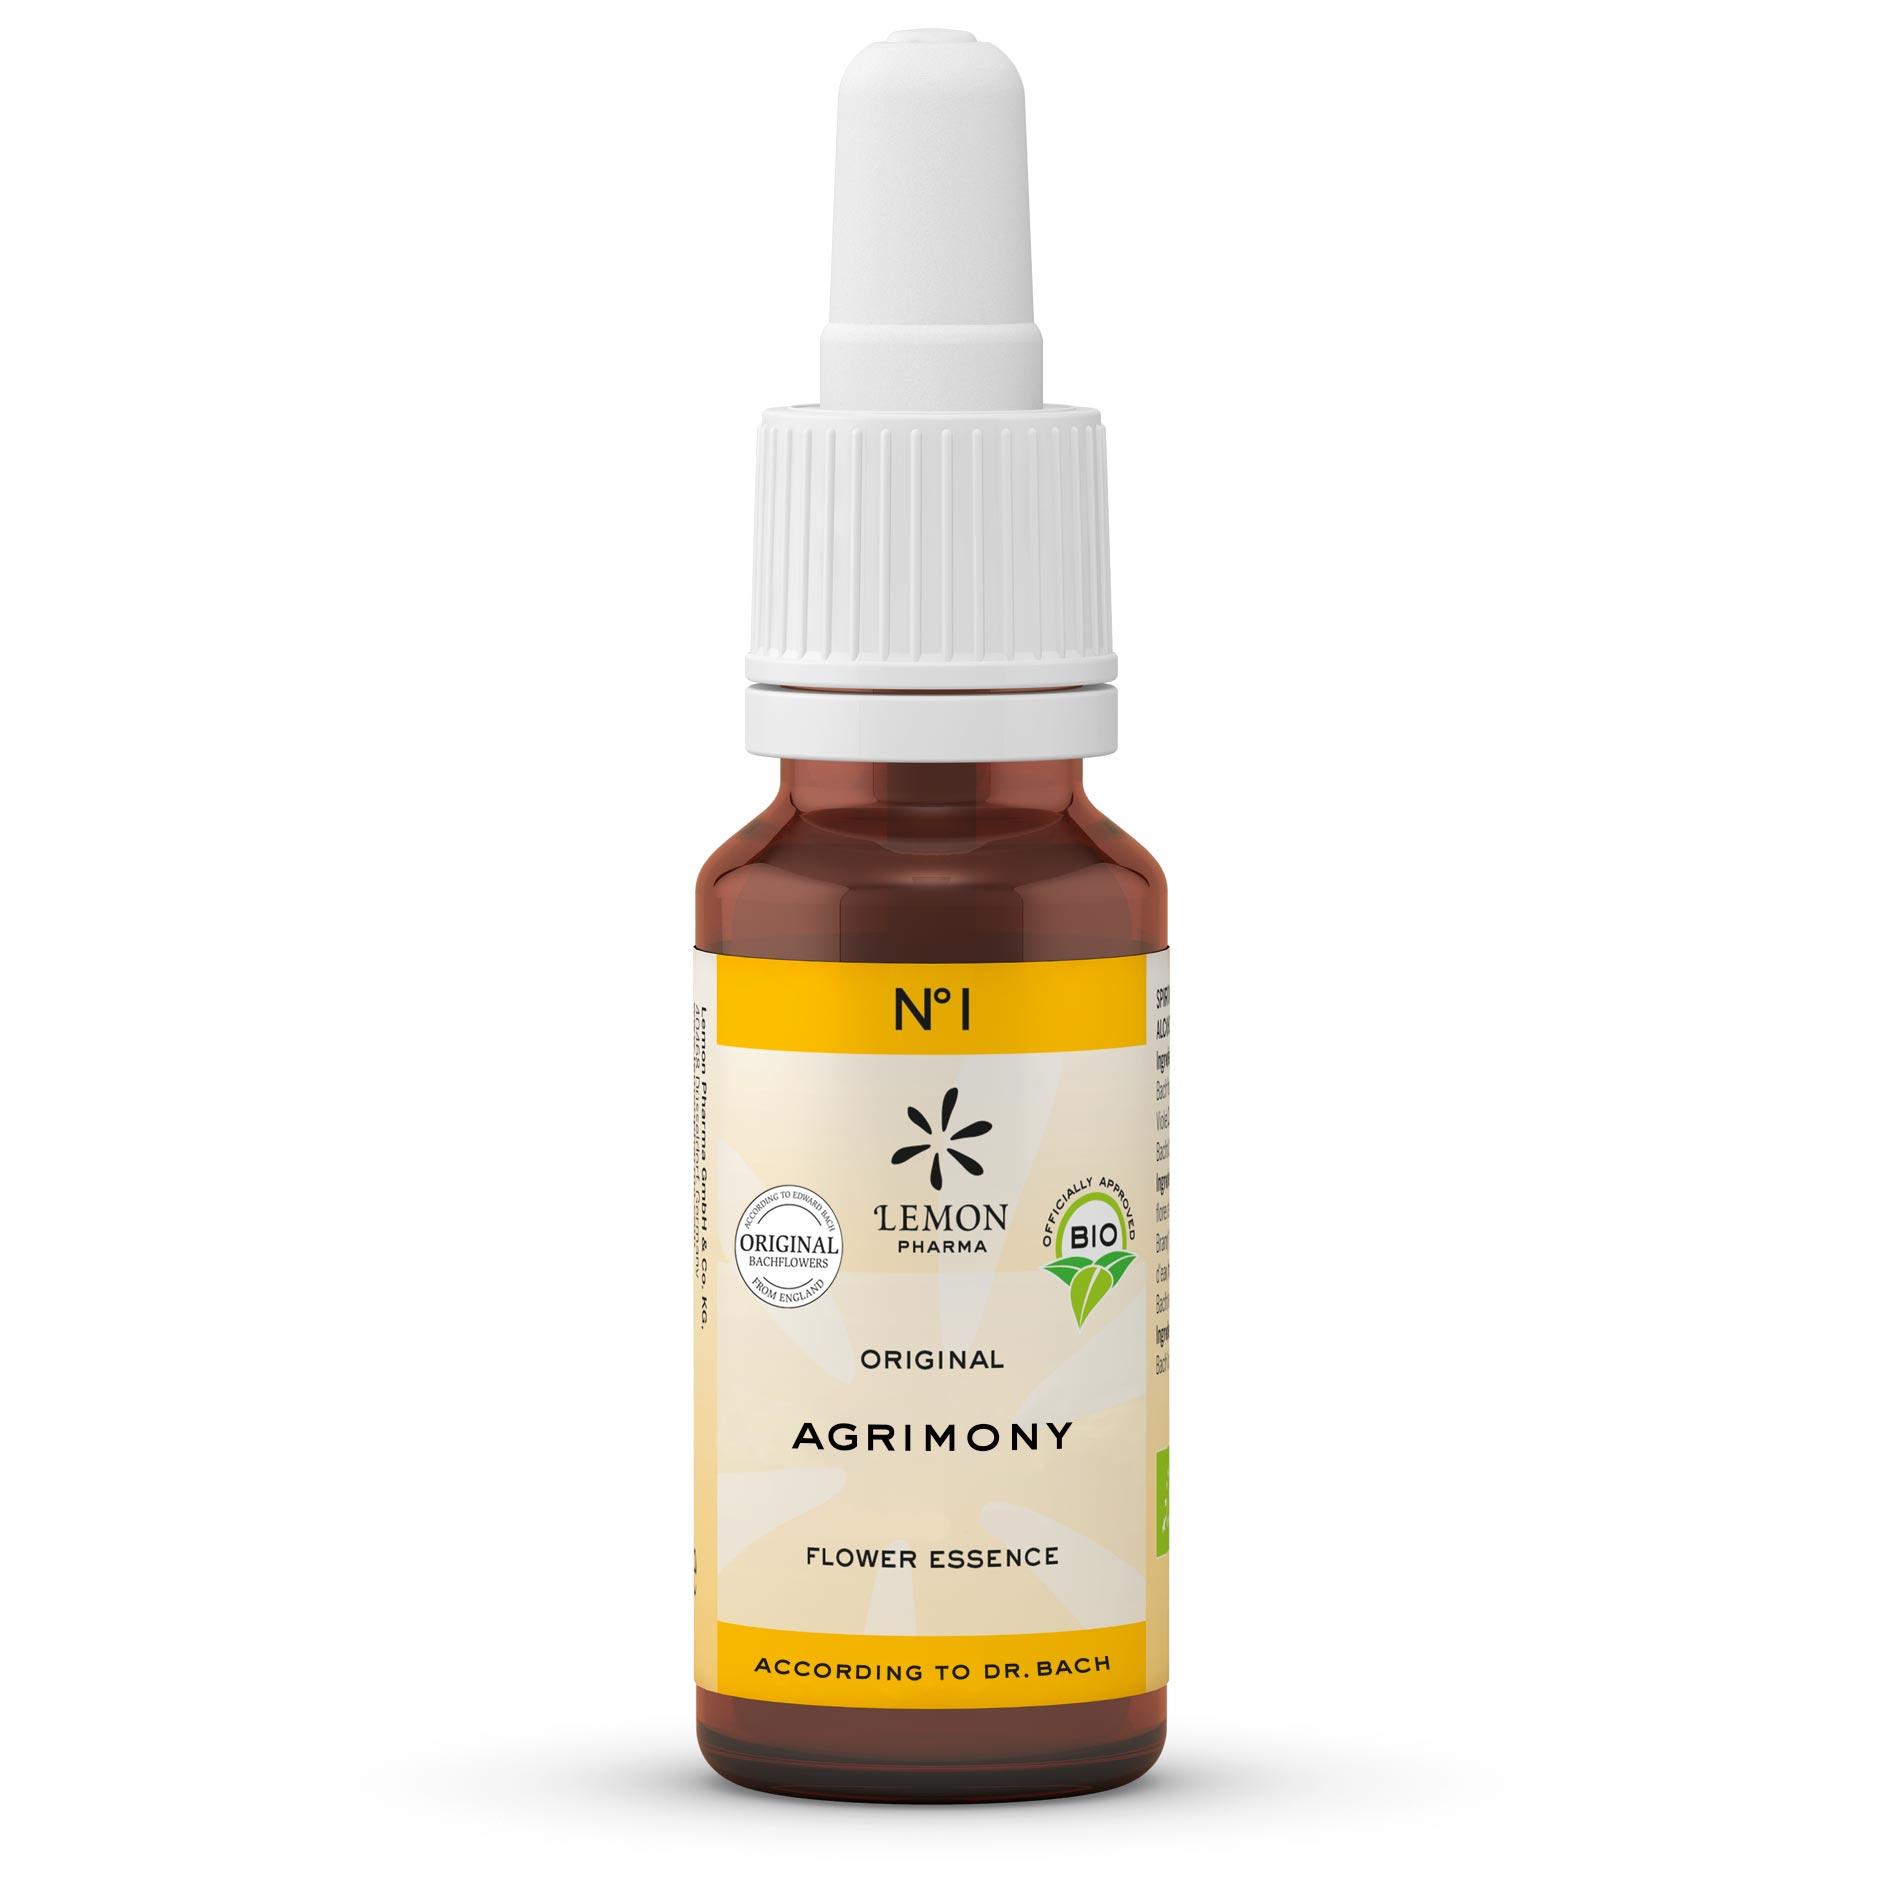 Lemon Pharma Original Bachblüten Tropfen Nr 1 Agrimony Odermennig Aufrichtigkeit